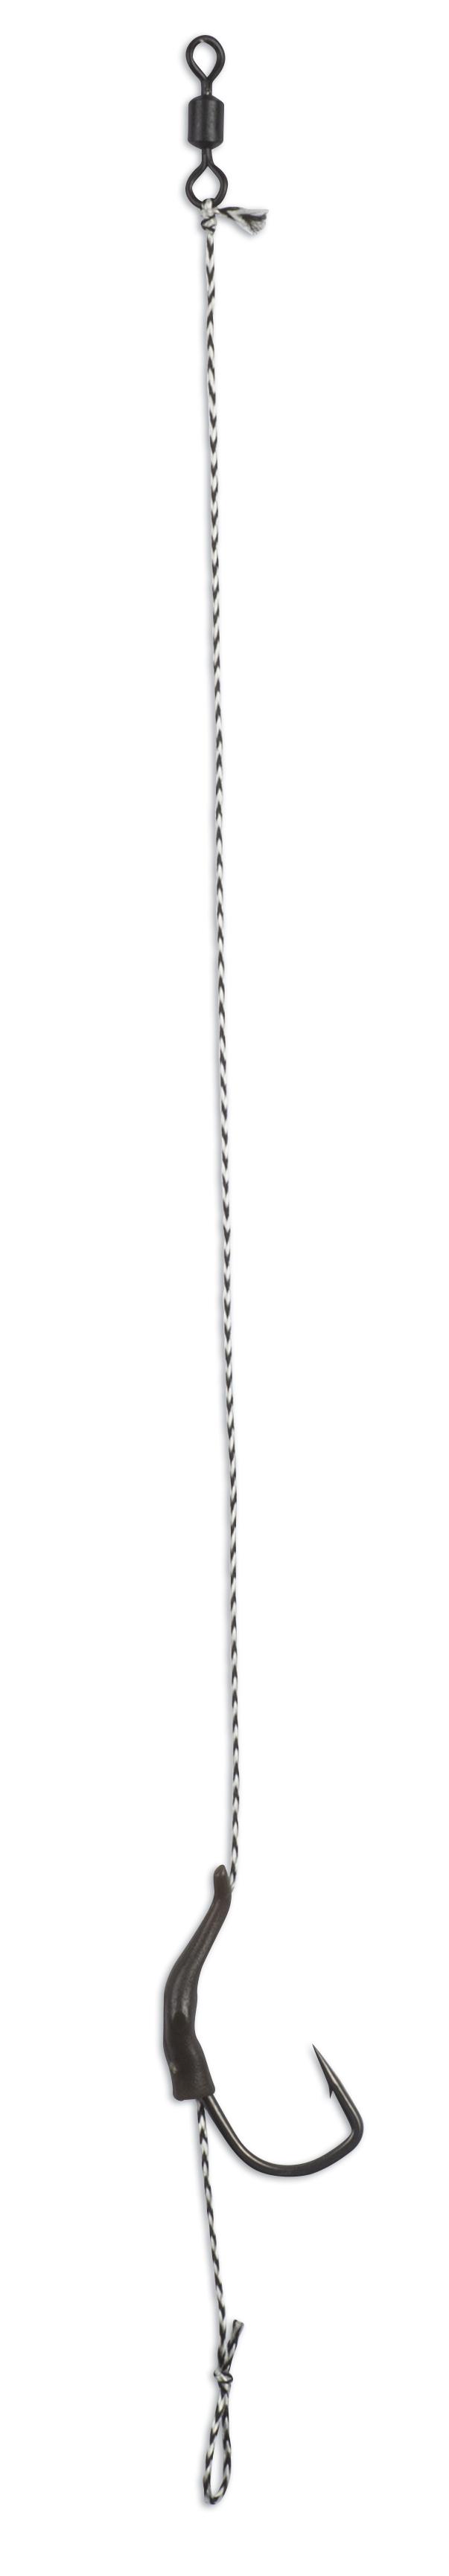 Nadväzec Anaconda RS Piercer Line Aligner Rig Angle 90 TGX s protihrotom č.6